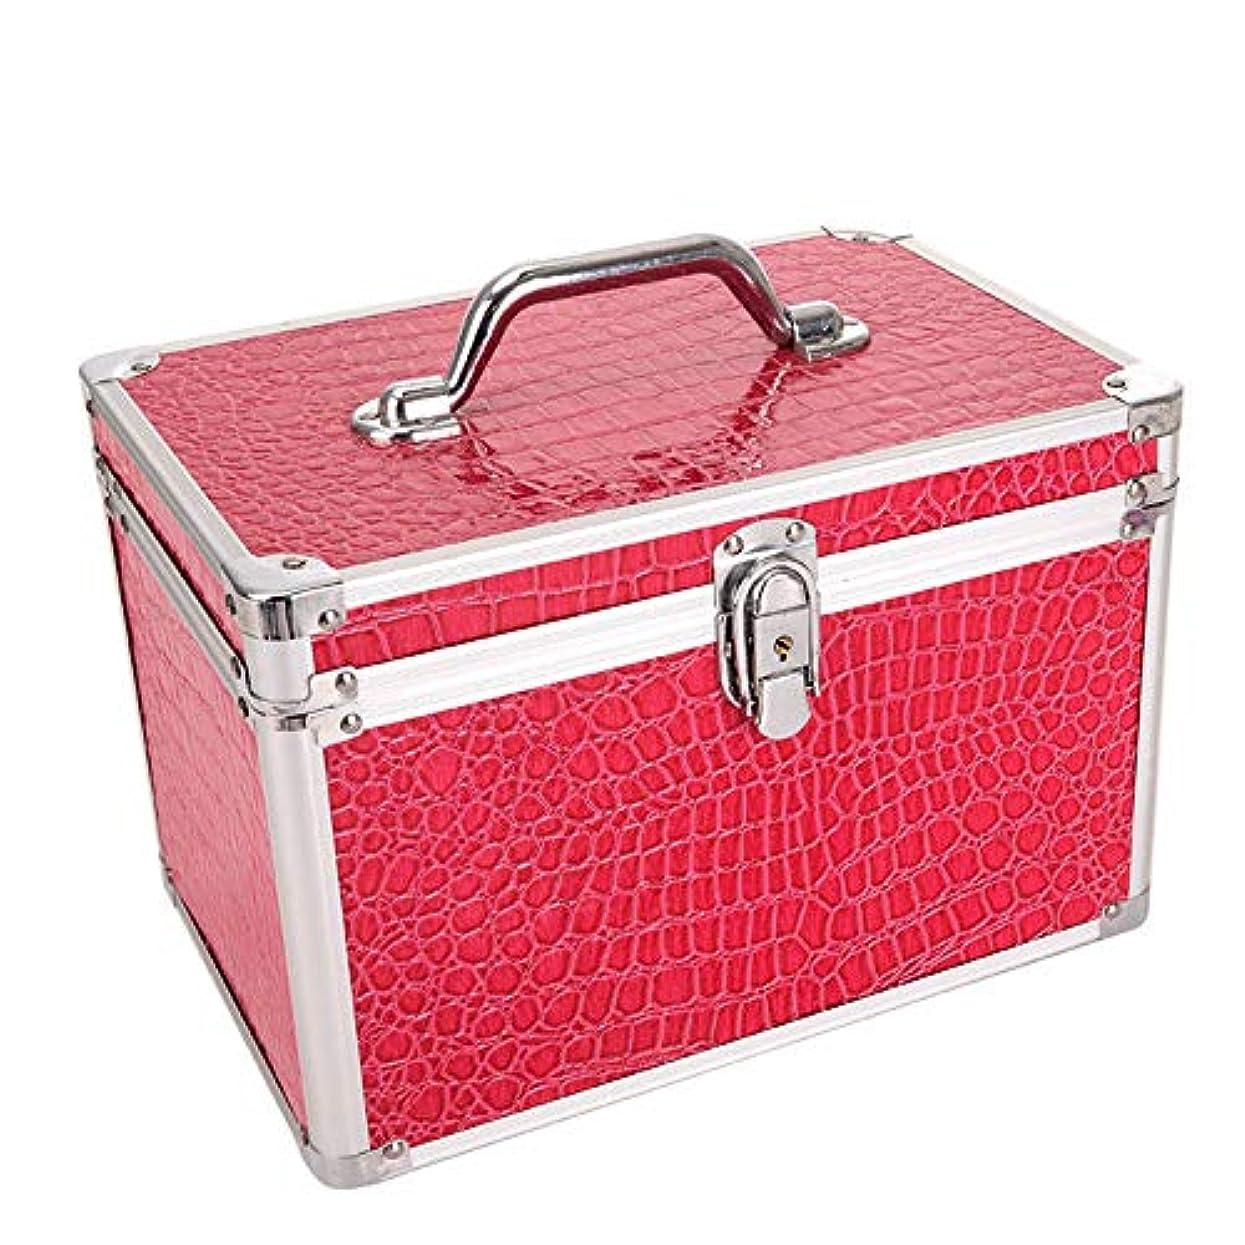 手術これまで構成員化粧オーガナイザーバッグ 女子女性のための美容メイクアップのための大容量ポータブル化粧品ケース旅行と化粧鏡付きロック付き日々のストレージ 化粧品ケース